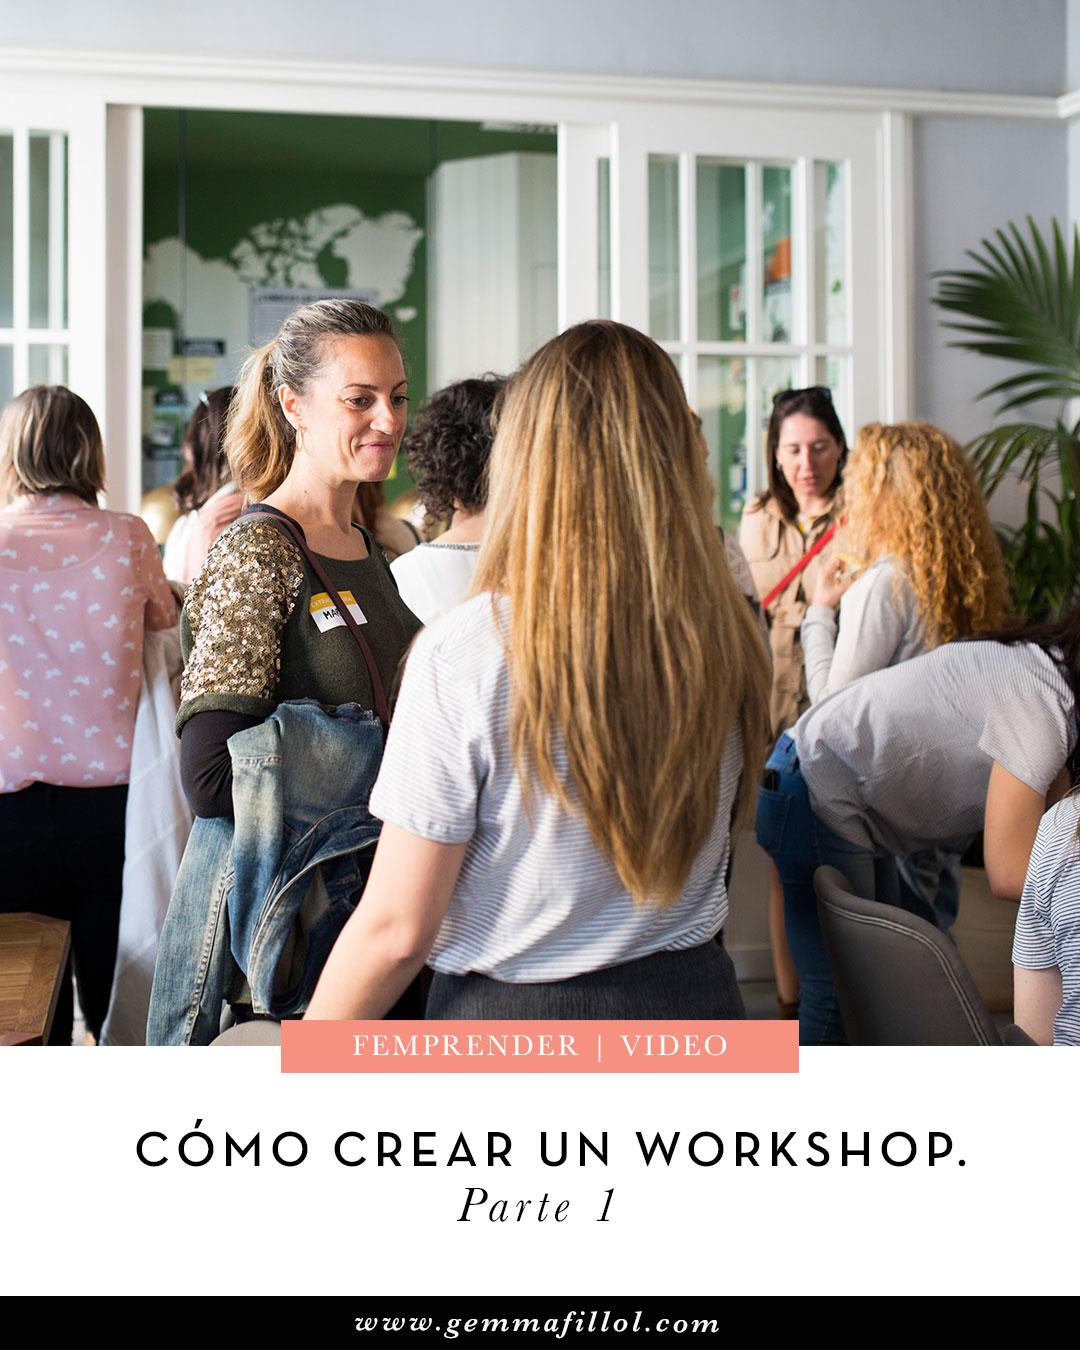 COMO_CREAR_WORKSHOP_1